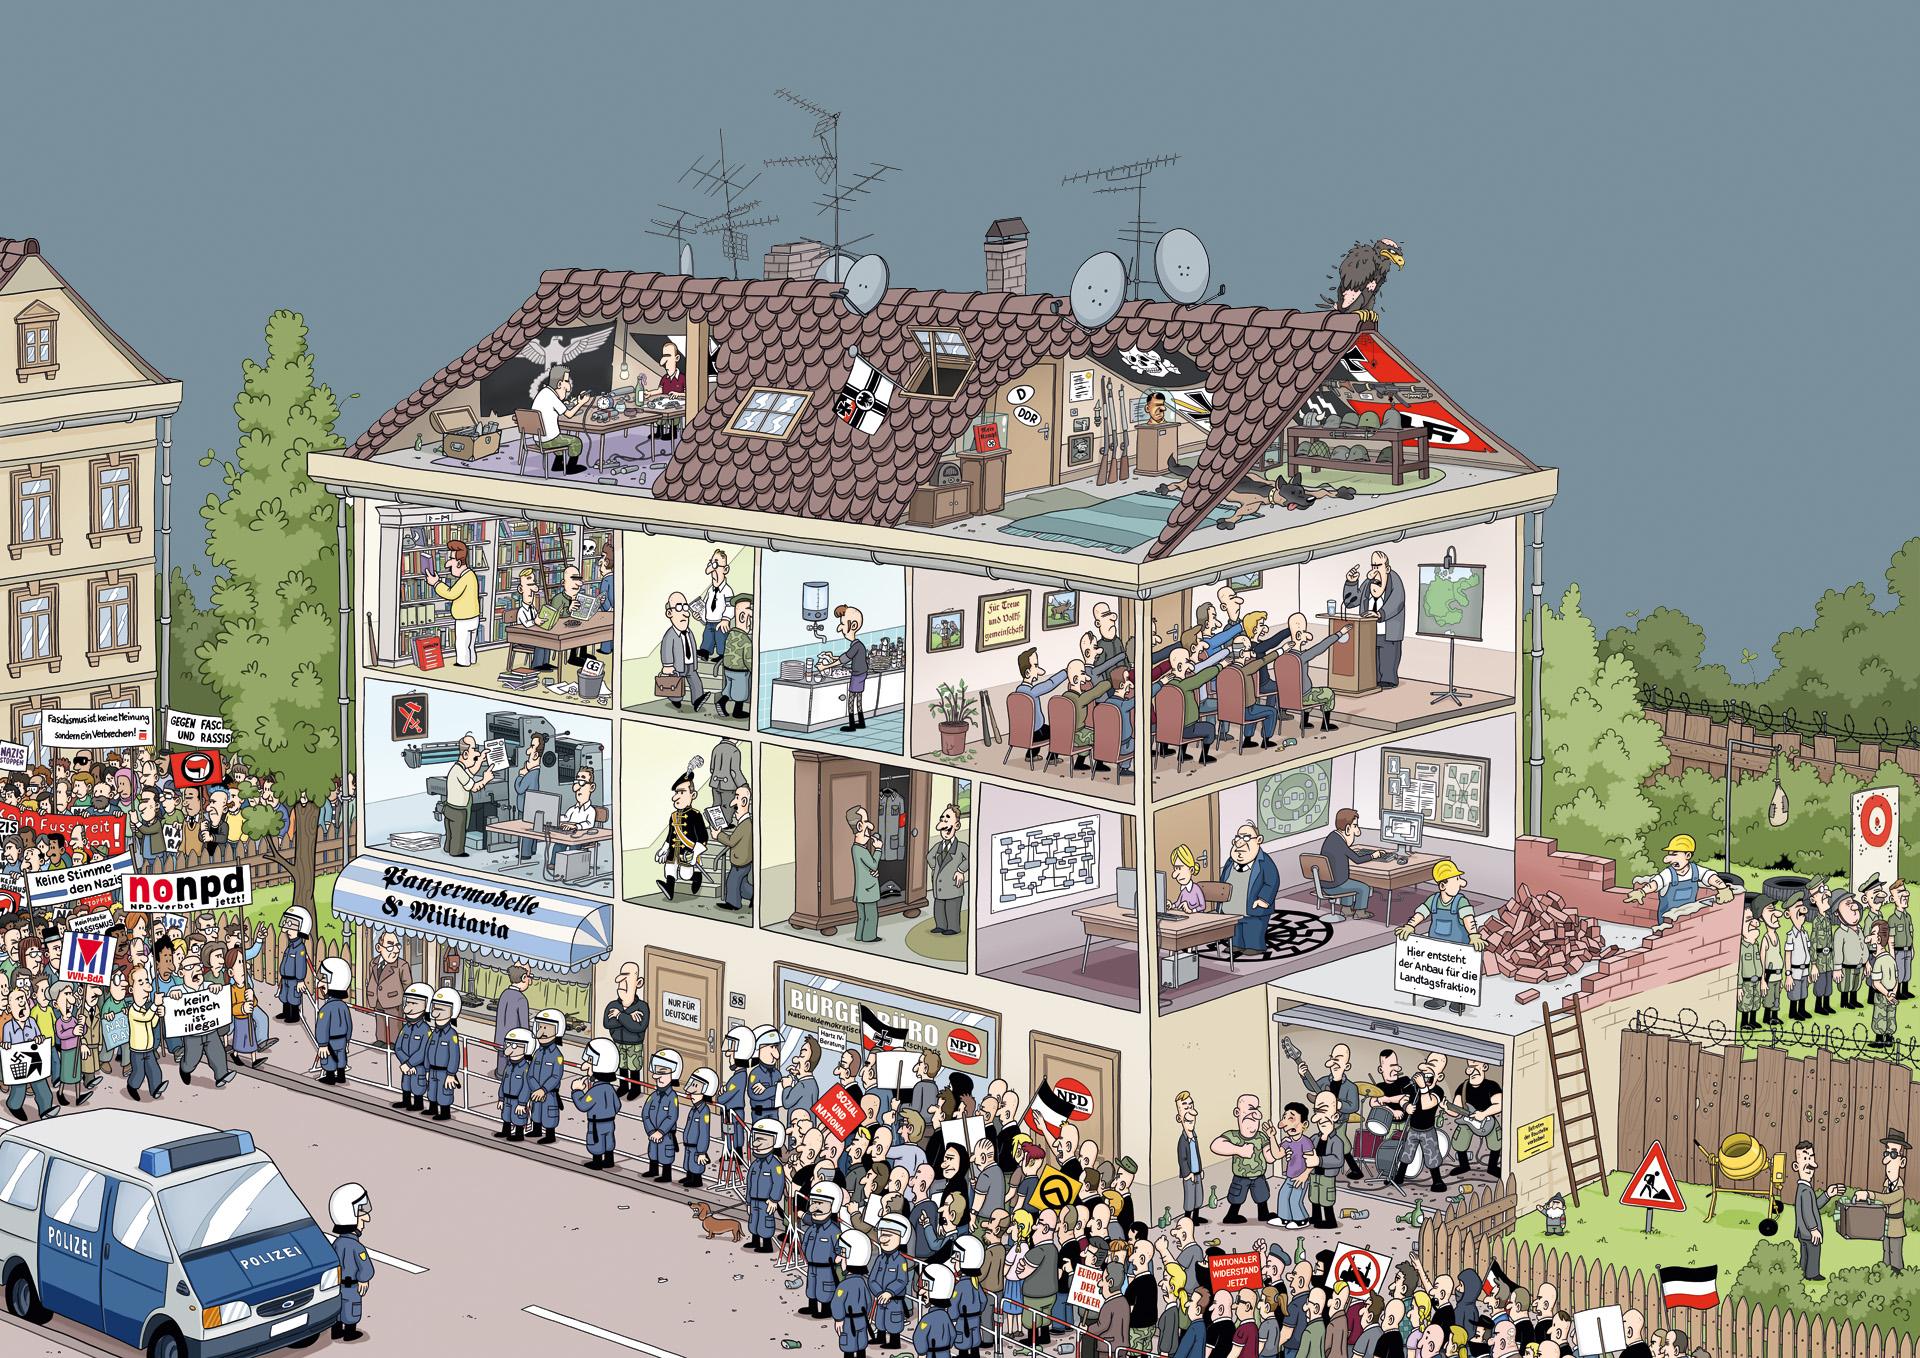 http://neofa-ausstellung.vvn-bda.de/images/11_01.jpg